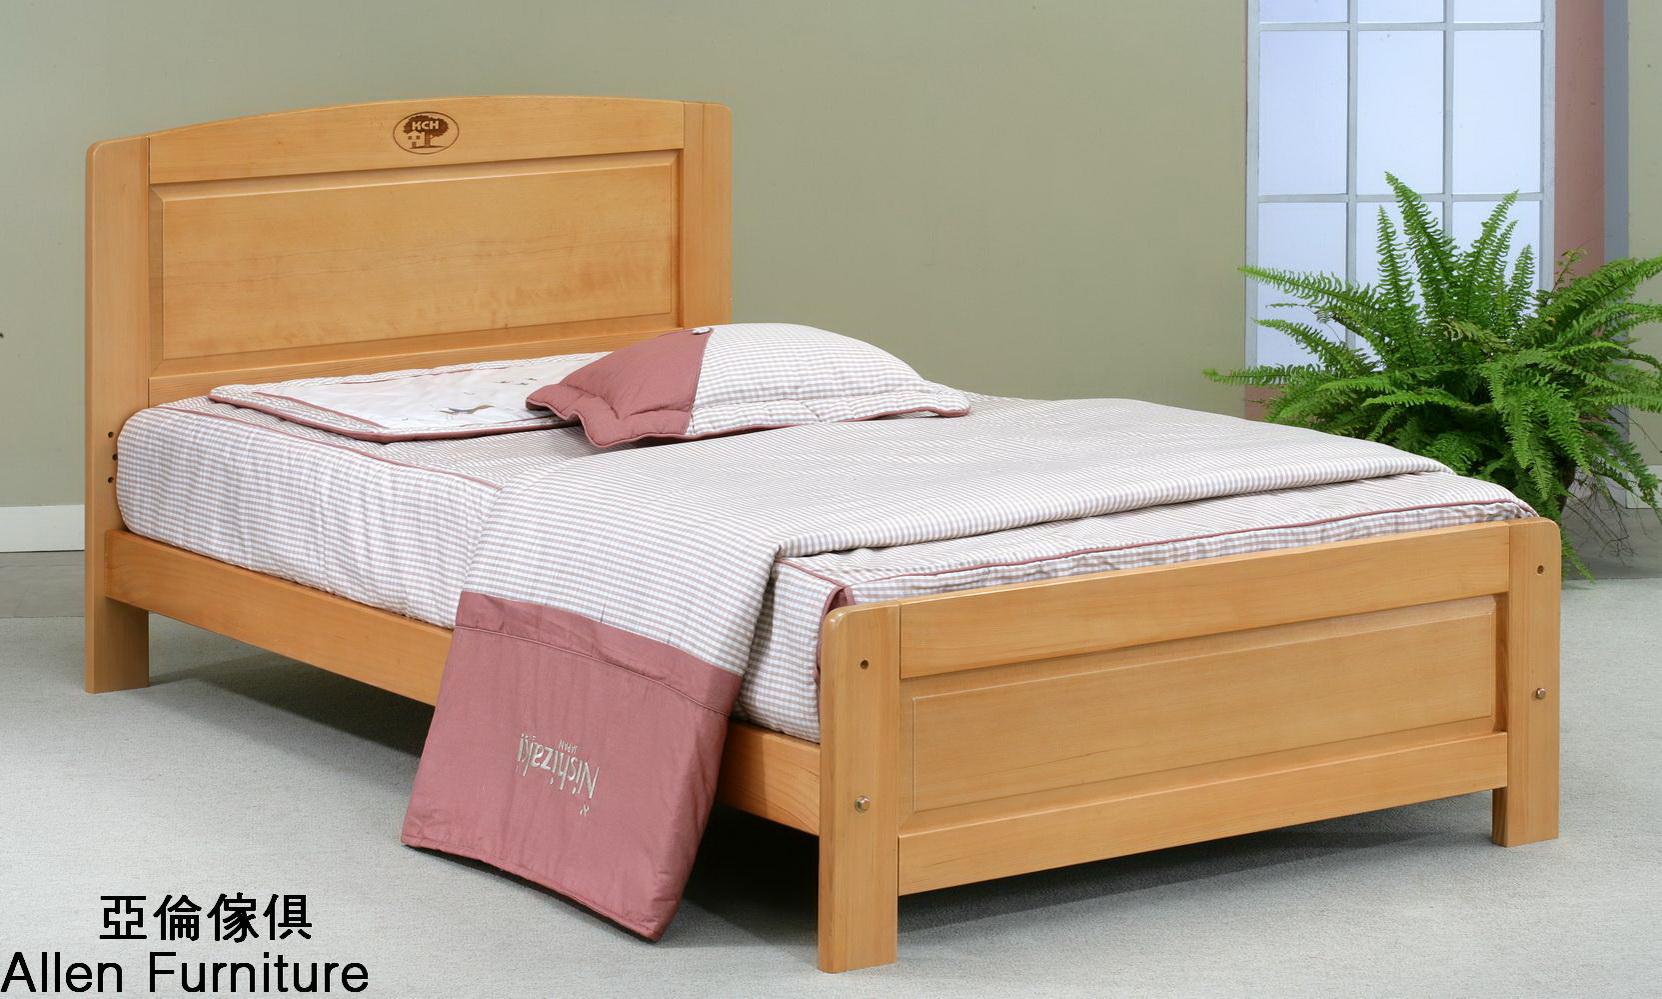 亞倫傢俱*史達琳檜木實木3.5尺單人床架